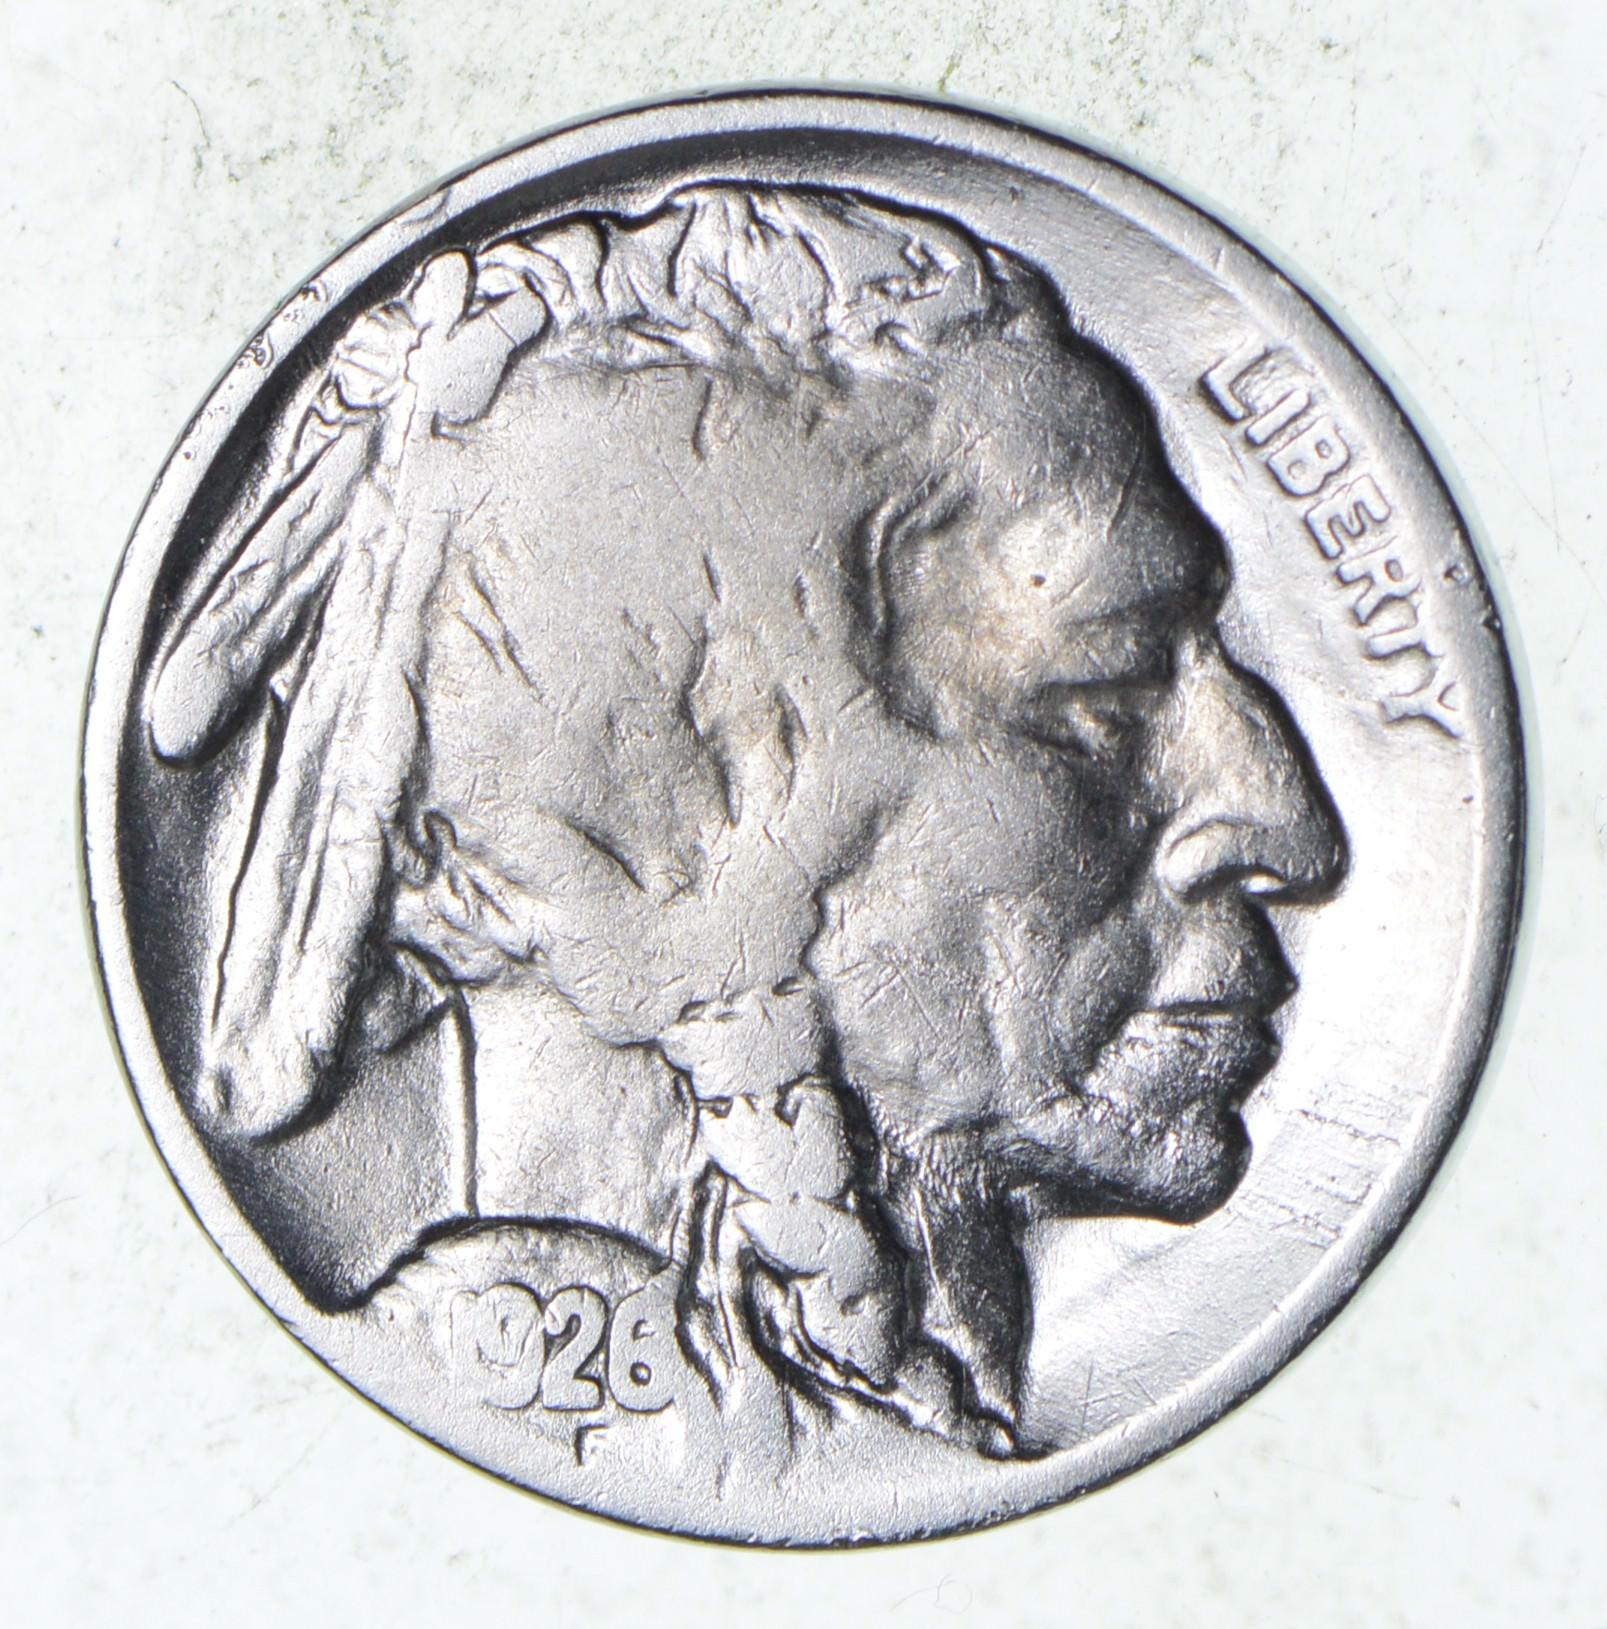 FULL HORN - High Grade - TOUGH - 1926 Buffalo Nickel - Sharp Coin